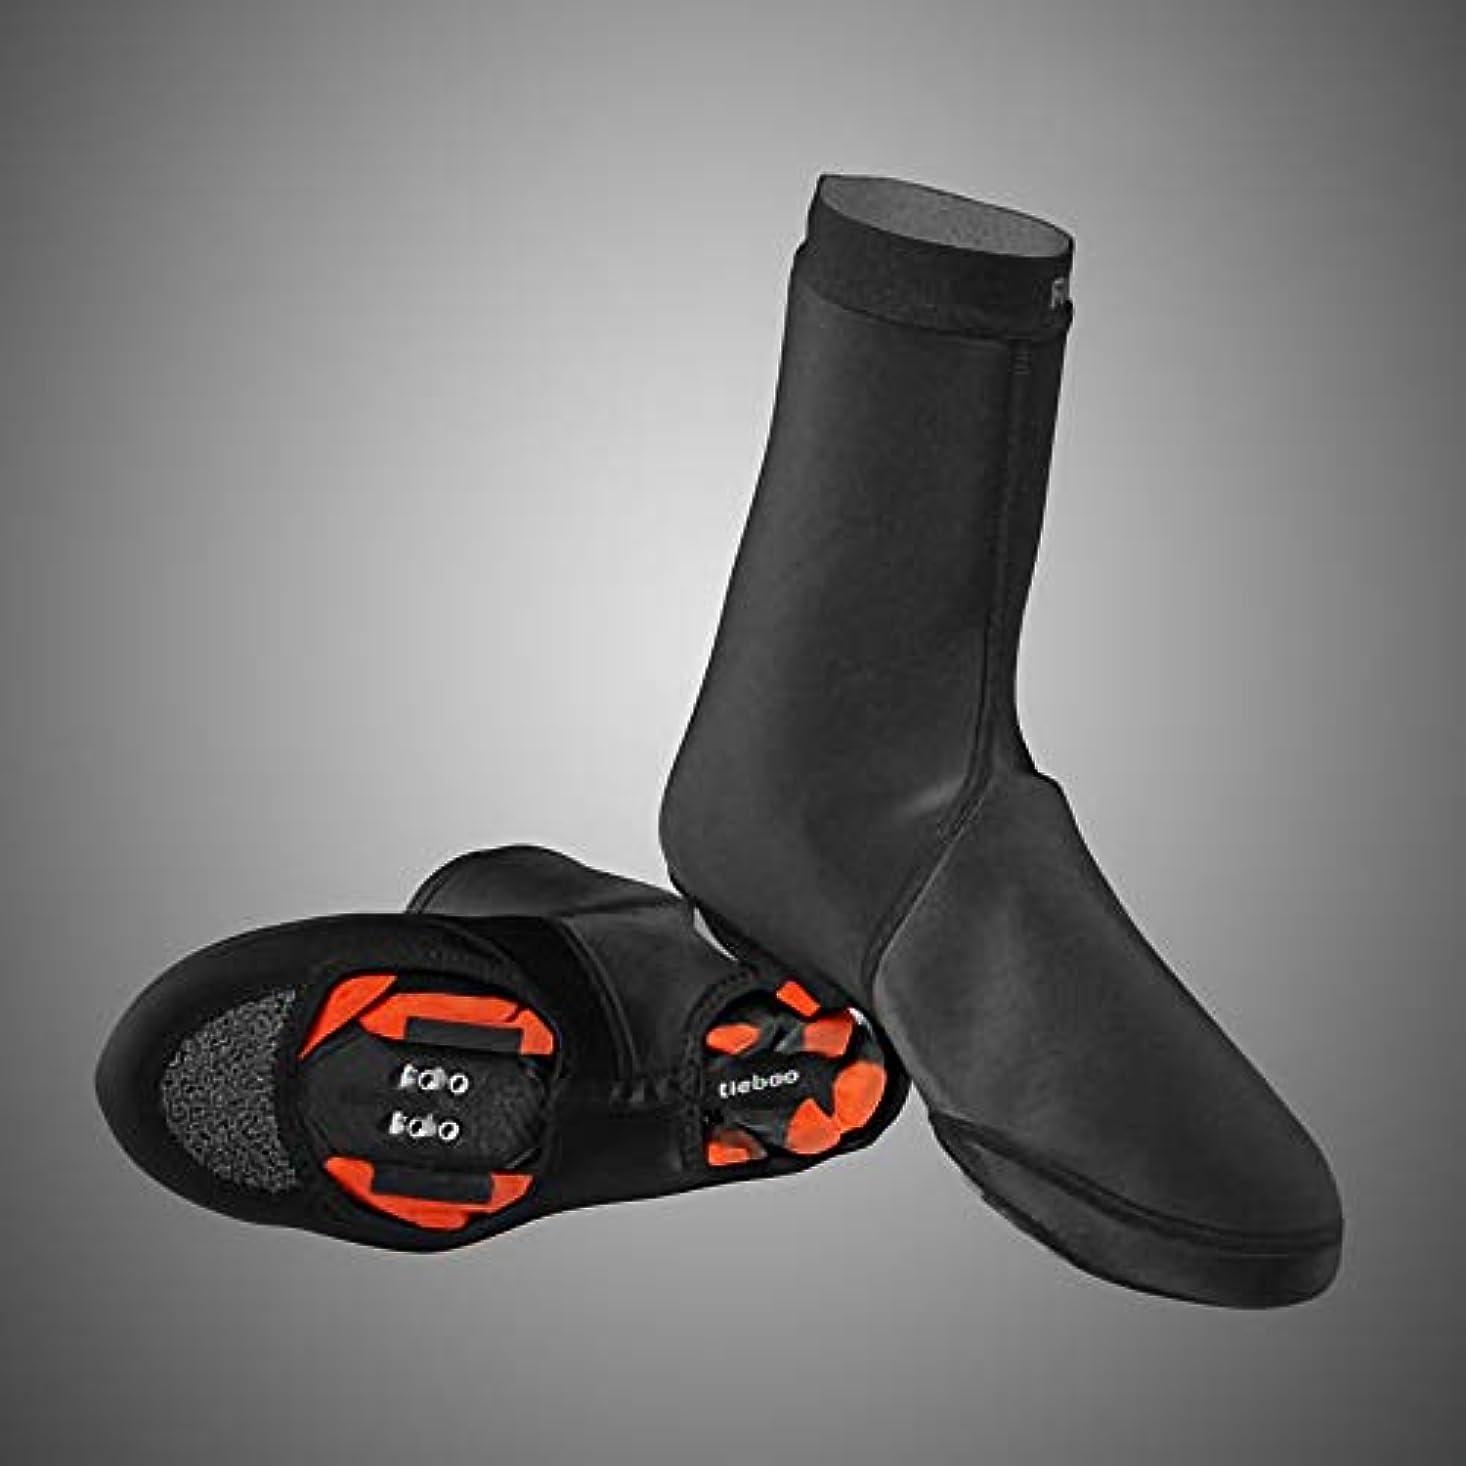 技術者コーヒー見ましたOkiiting ユニセックス防風サイクリングシューズカバー自転車シューズカバーサイクリングレインシューズカバー防風カバー防風性のある暖かいオーバーシューズ水分を発散する高い弾力性どんな靴の形状にも適しています うまく設計された (Color : Dark black)